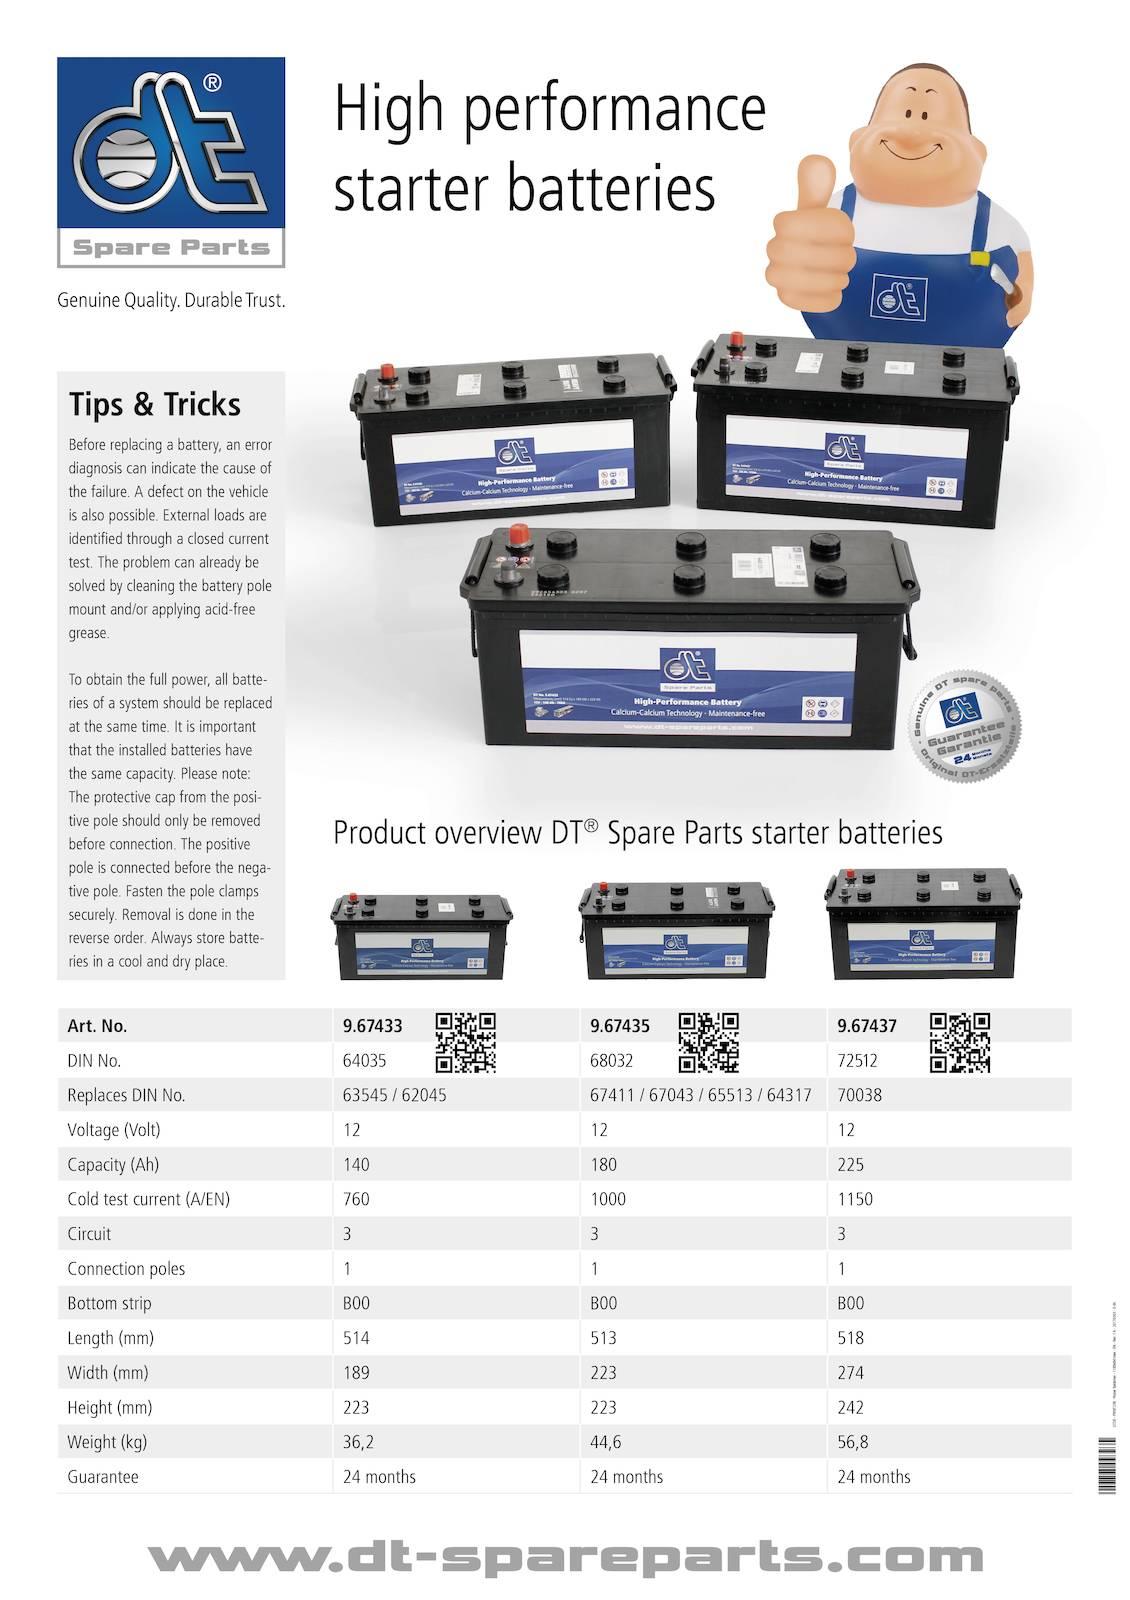 Постер Высокоэффективные стартерные батареи, DE